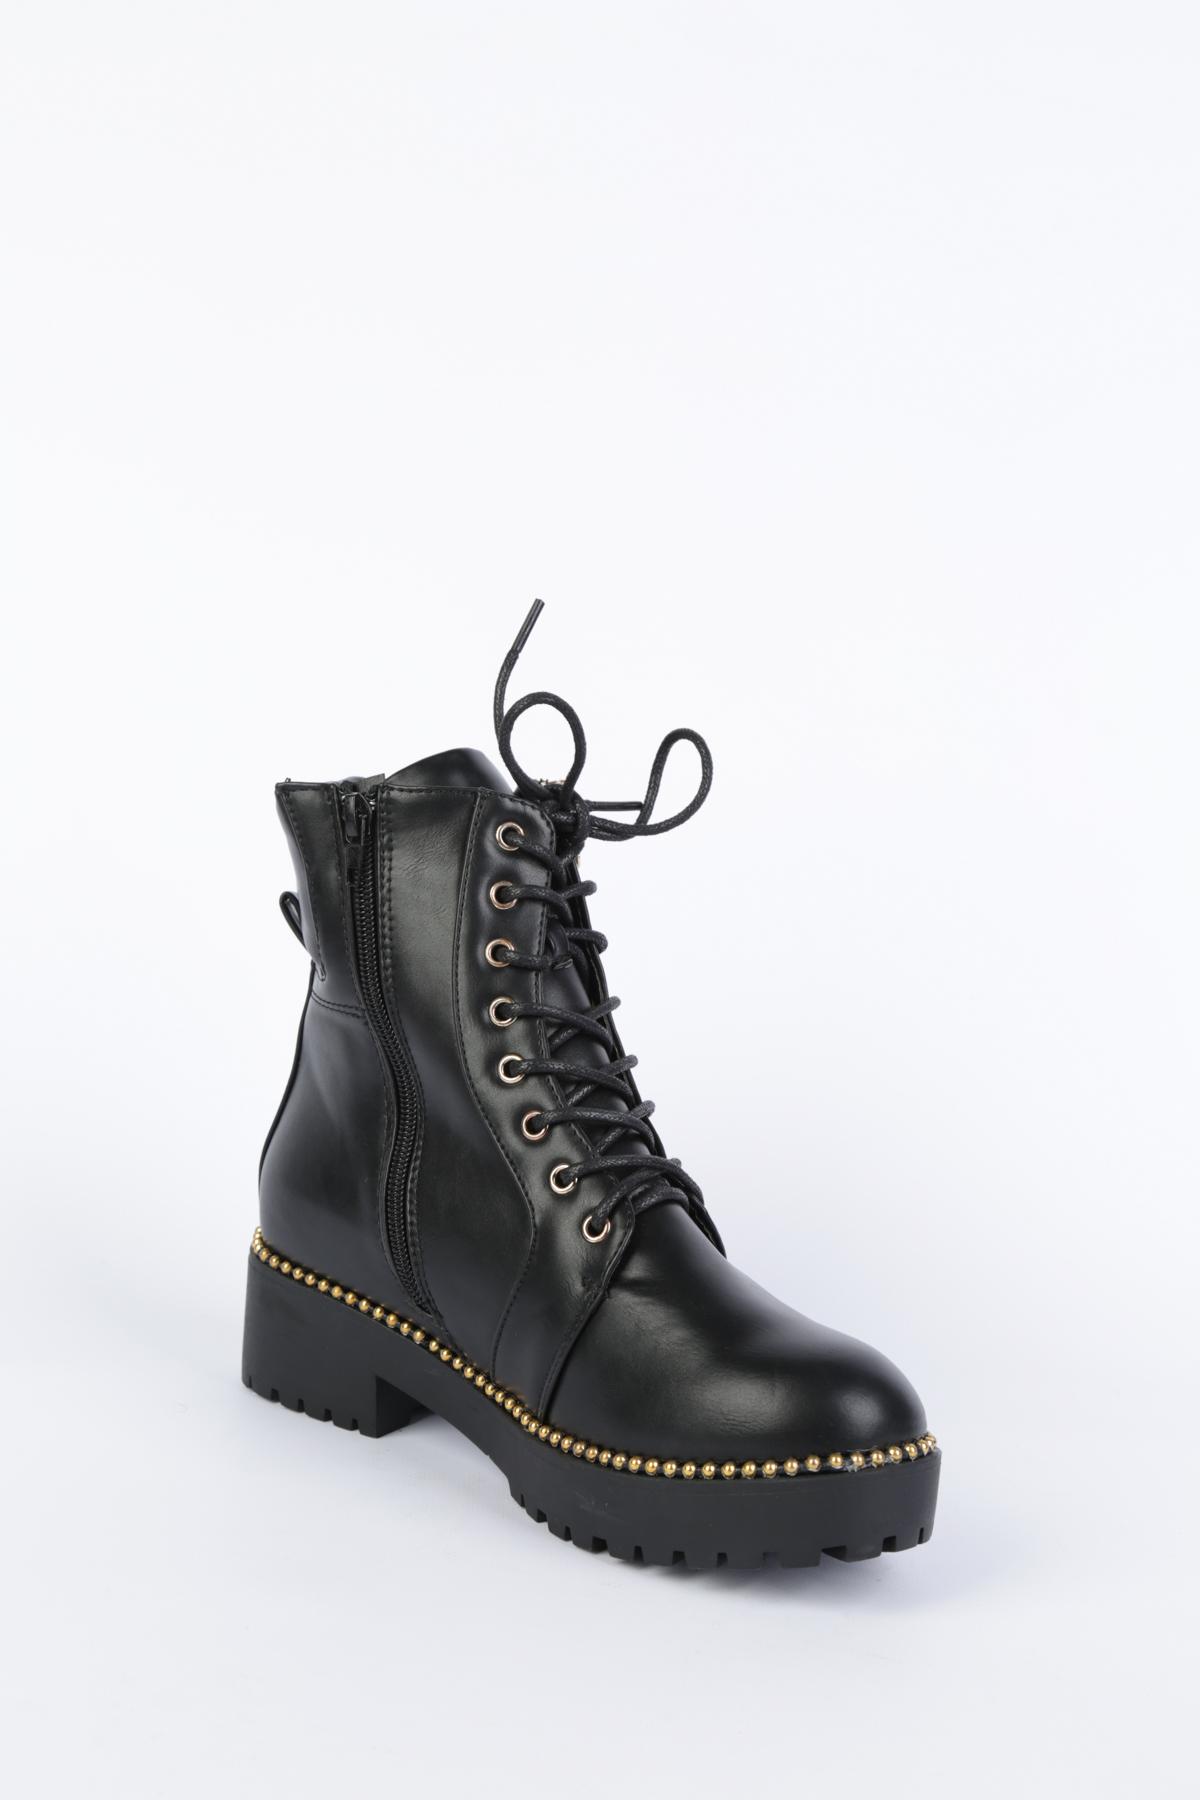 Botines Zapatos Black WILEDI 2018-9 #c eFashion Paris